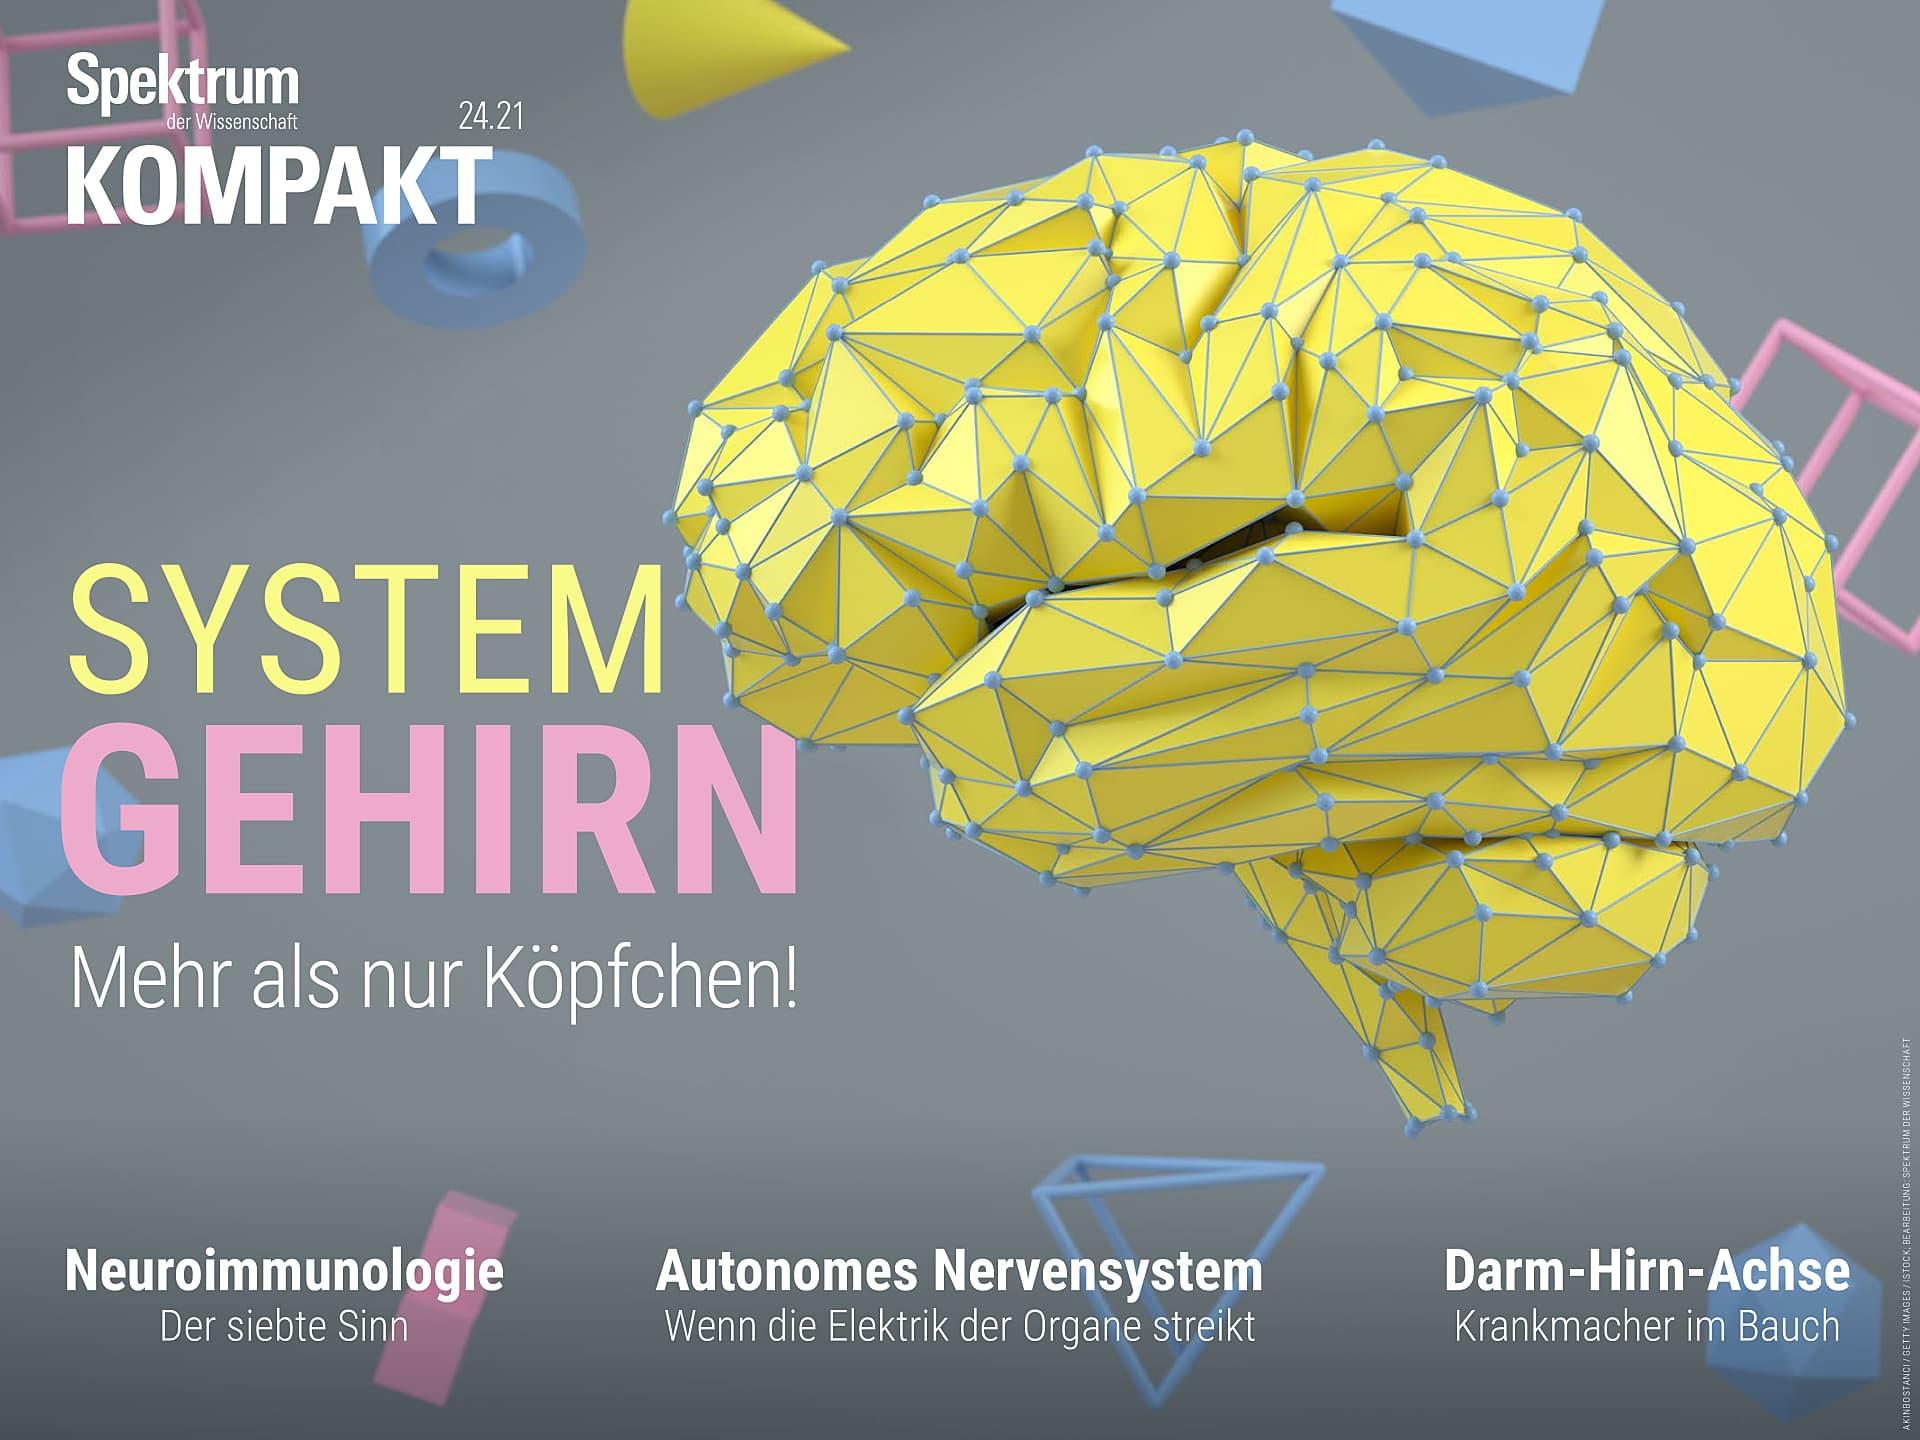 System Gehirn - Mehr als nur Köpfchen!